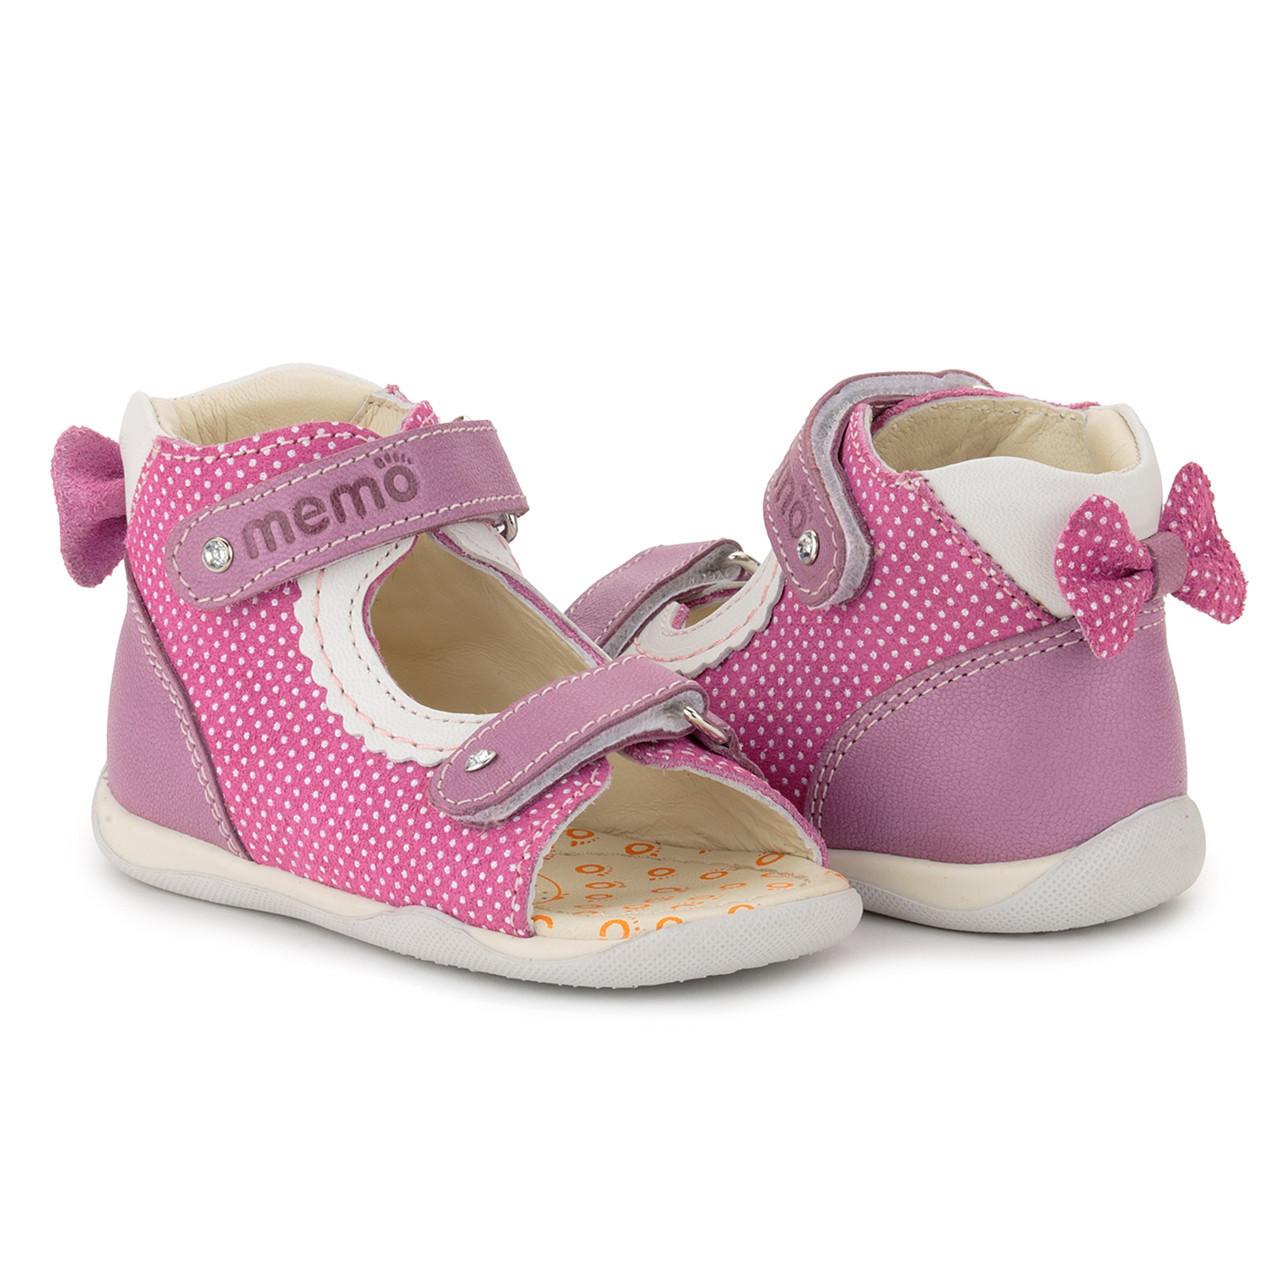 d2a7a42baa64ac Ортопедические босоножки для девочек Memo Mini 1JE Розовые, цена 1 575  грн., купить в Днепре — Prom.ua (ID#967895420)